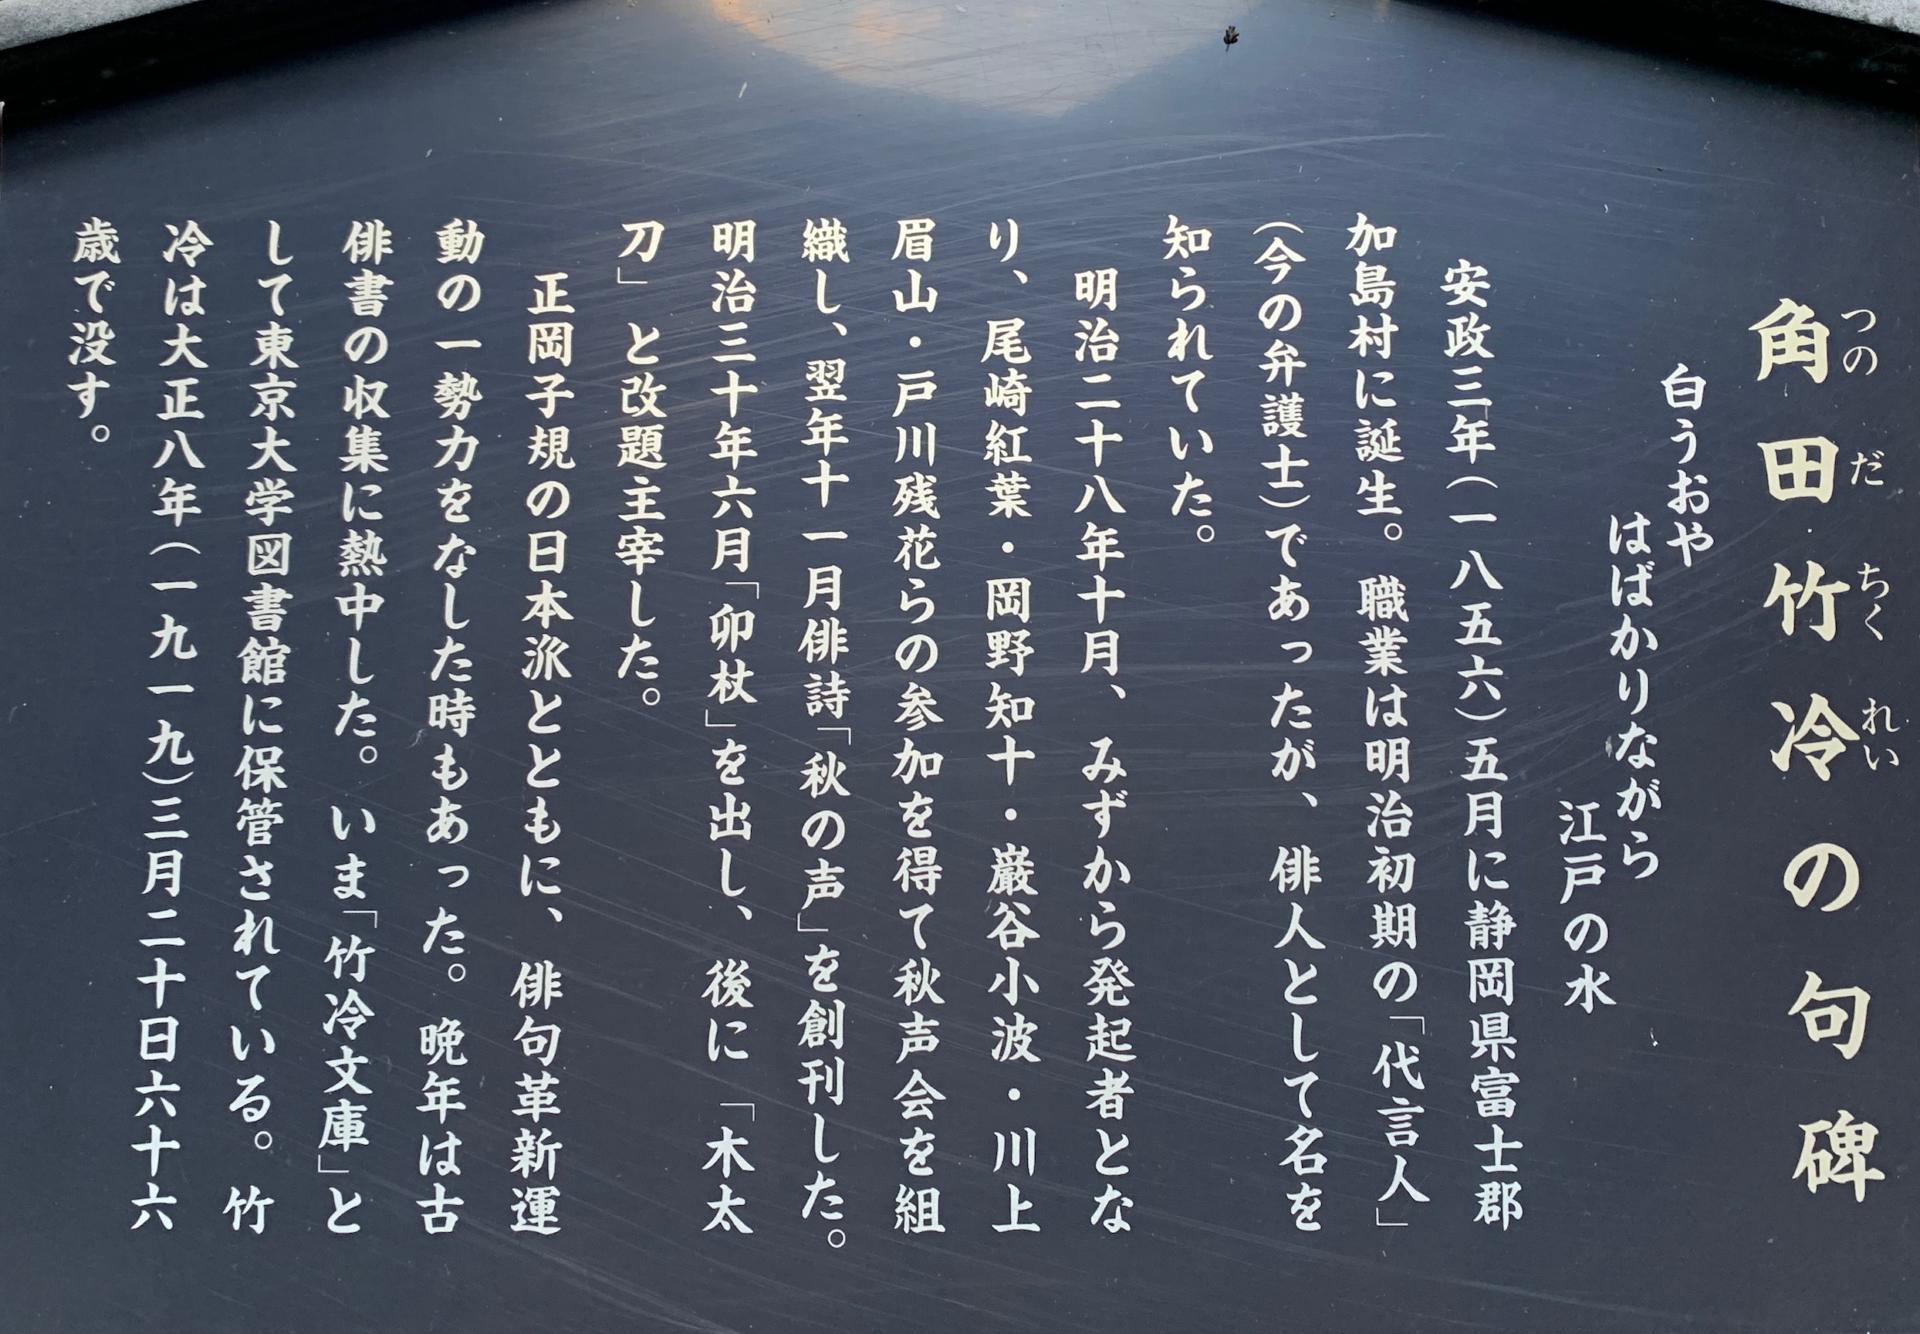 角田竹冷の句碑の案内